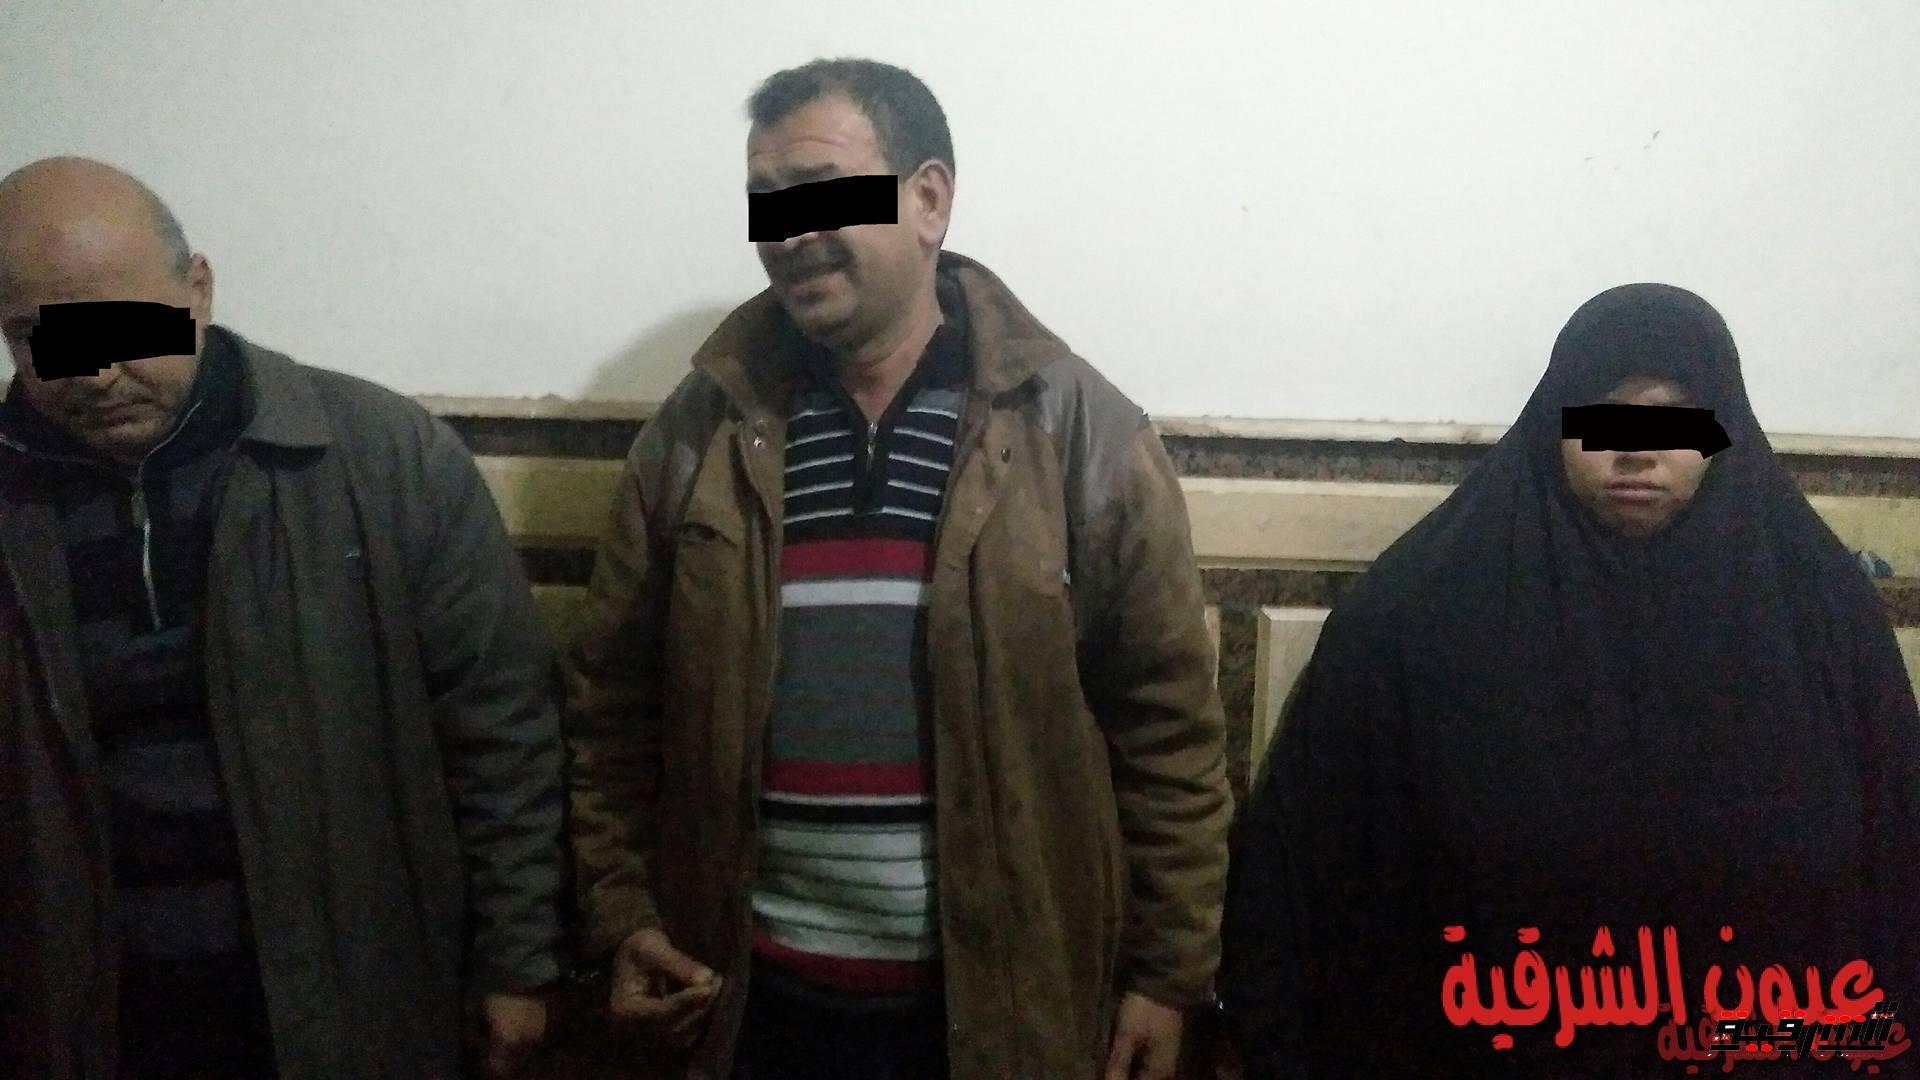 القبض على مدرس وربة منزل فى شقة للدعارة بمنيا القمح يديرها موظف بالتأمينات الإجتماعية